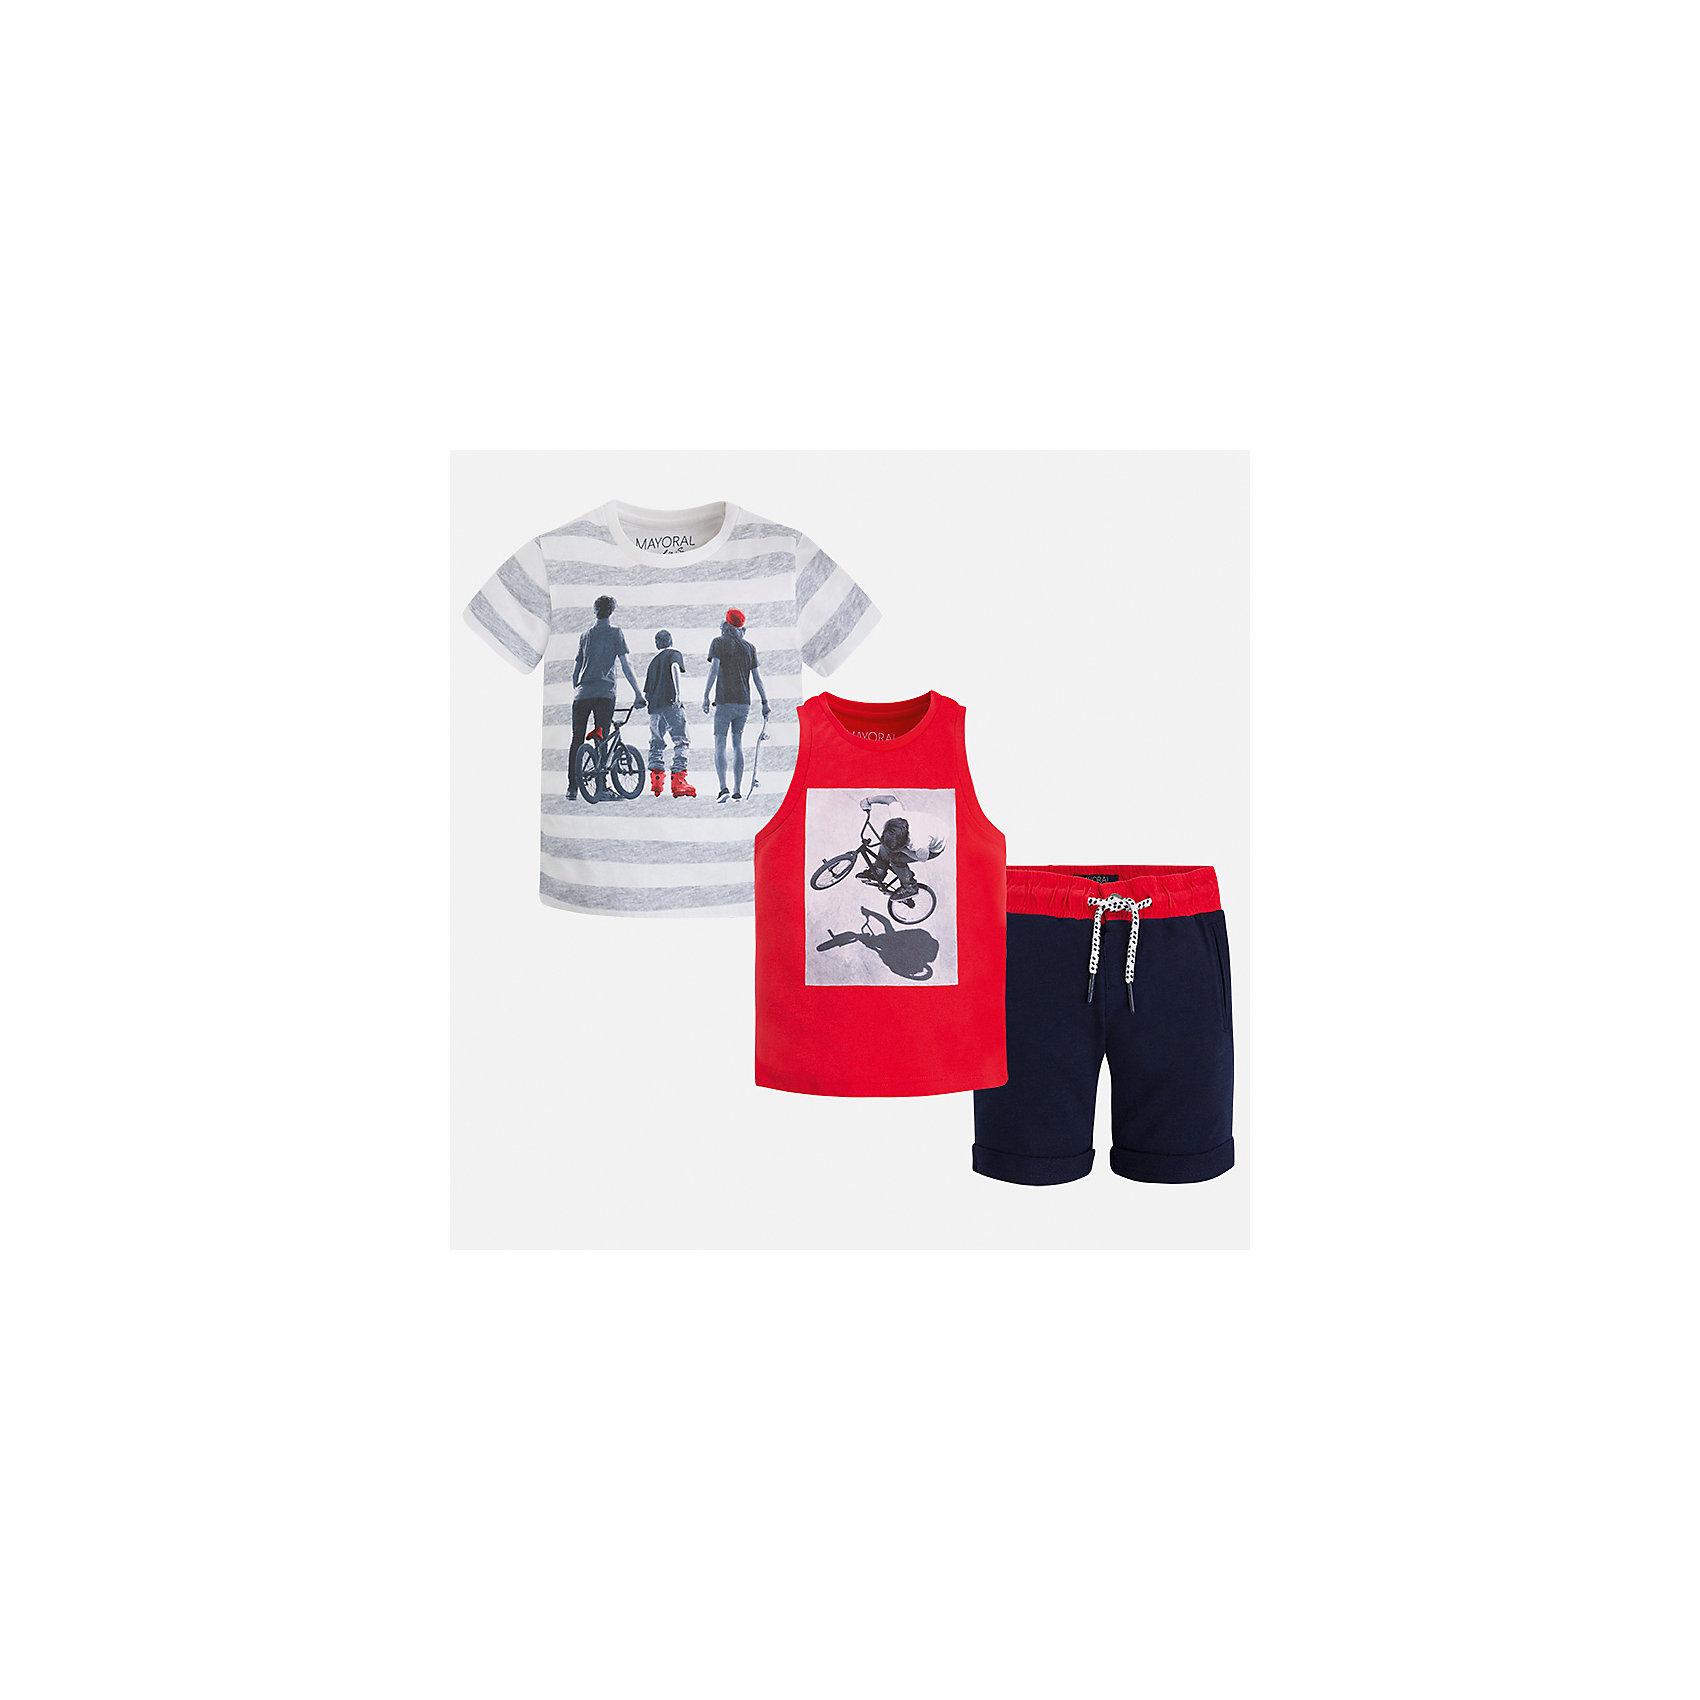 Комплект: футболка, майка и шорты для мальчика MayoralКомплекты<br>Характеристики товара:<br><br>• цвет: красный/синий/серый<br>• состав: 100% хлопок<br>• комплектация: шорты, футболка, майка<br>• круглый горловой вырез<br>• футболка декорированы принтом<br>• короткие рукава<br>• шорты - пояс со шнурком<br>• страна бренда: Испания<br><br>Стильная удобная футболка с принтом и шорты с майкой помогут разнообразить гардероб мальчика и удобно одеться. Универсальный цвет позволяет подобрать к вещам верхнюю одежду практически любой расцветки. Интересная отделка модели делает её нарядной и оригинальной. В составе материала - только натуральный хлопок, гипоаллергенный, приятный на ощупь, дышащий.<br><br>Одежда, обувь и аксессуары от испанского бренда Mayoral полюбились детям и взрослым по всему миру. Модели этой марки - стильные и удобные. Для их производства используются только безопасные, качественные материалы и фурнитура. Порадуйте ребенка модными и красивыми вещами от Mayoral! <br><br>Комплект для мальчика от испанского бренда Mayoral (Майорал) можно купить в нашем интернет-магазине.<br><br>Ширина мм: 157<br>Глубина мм: 13<br>Высота мм: 119<br>Вес г: 200<br>Цвет: розовый<br>Возраст от месяцев: 24<br>Возраст до месяцев: 36<br>Пол: Мужской<br>Возраст: Детский<br>Размер: 98,134,128,122,116,104,92,110<br>SKU: 5280964